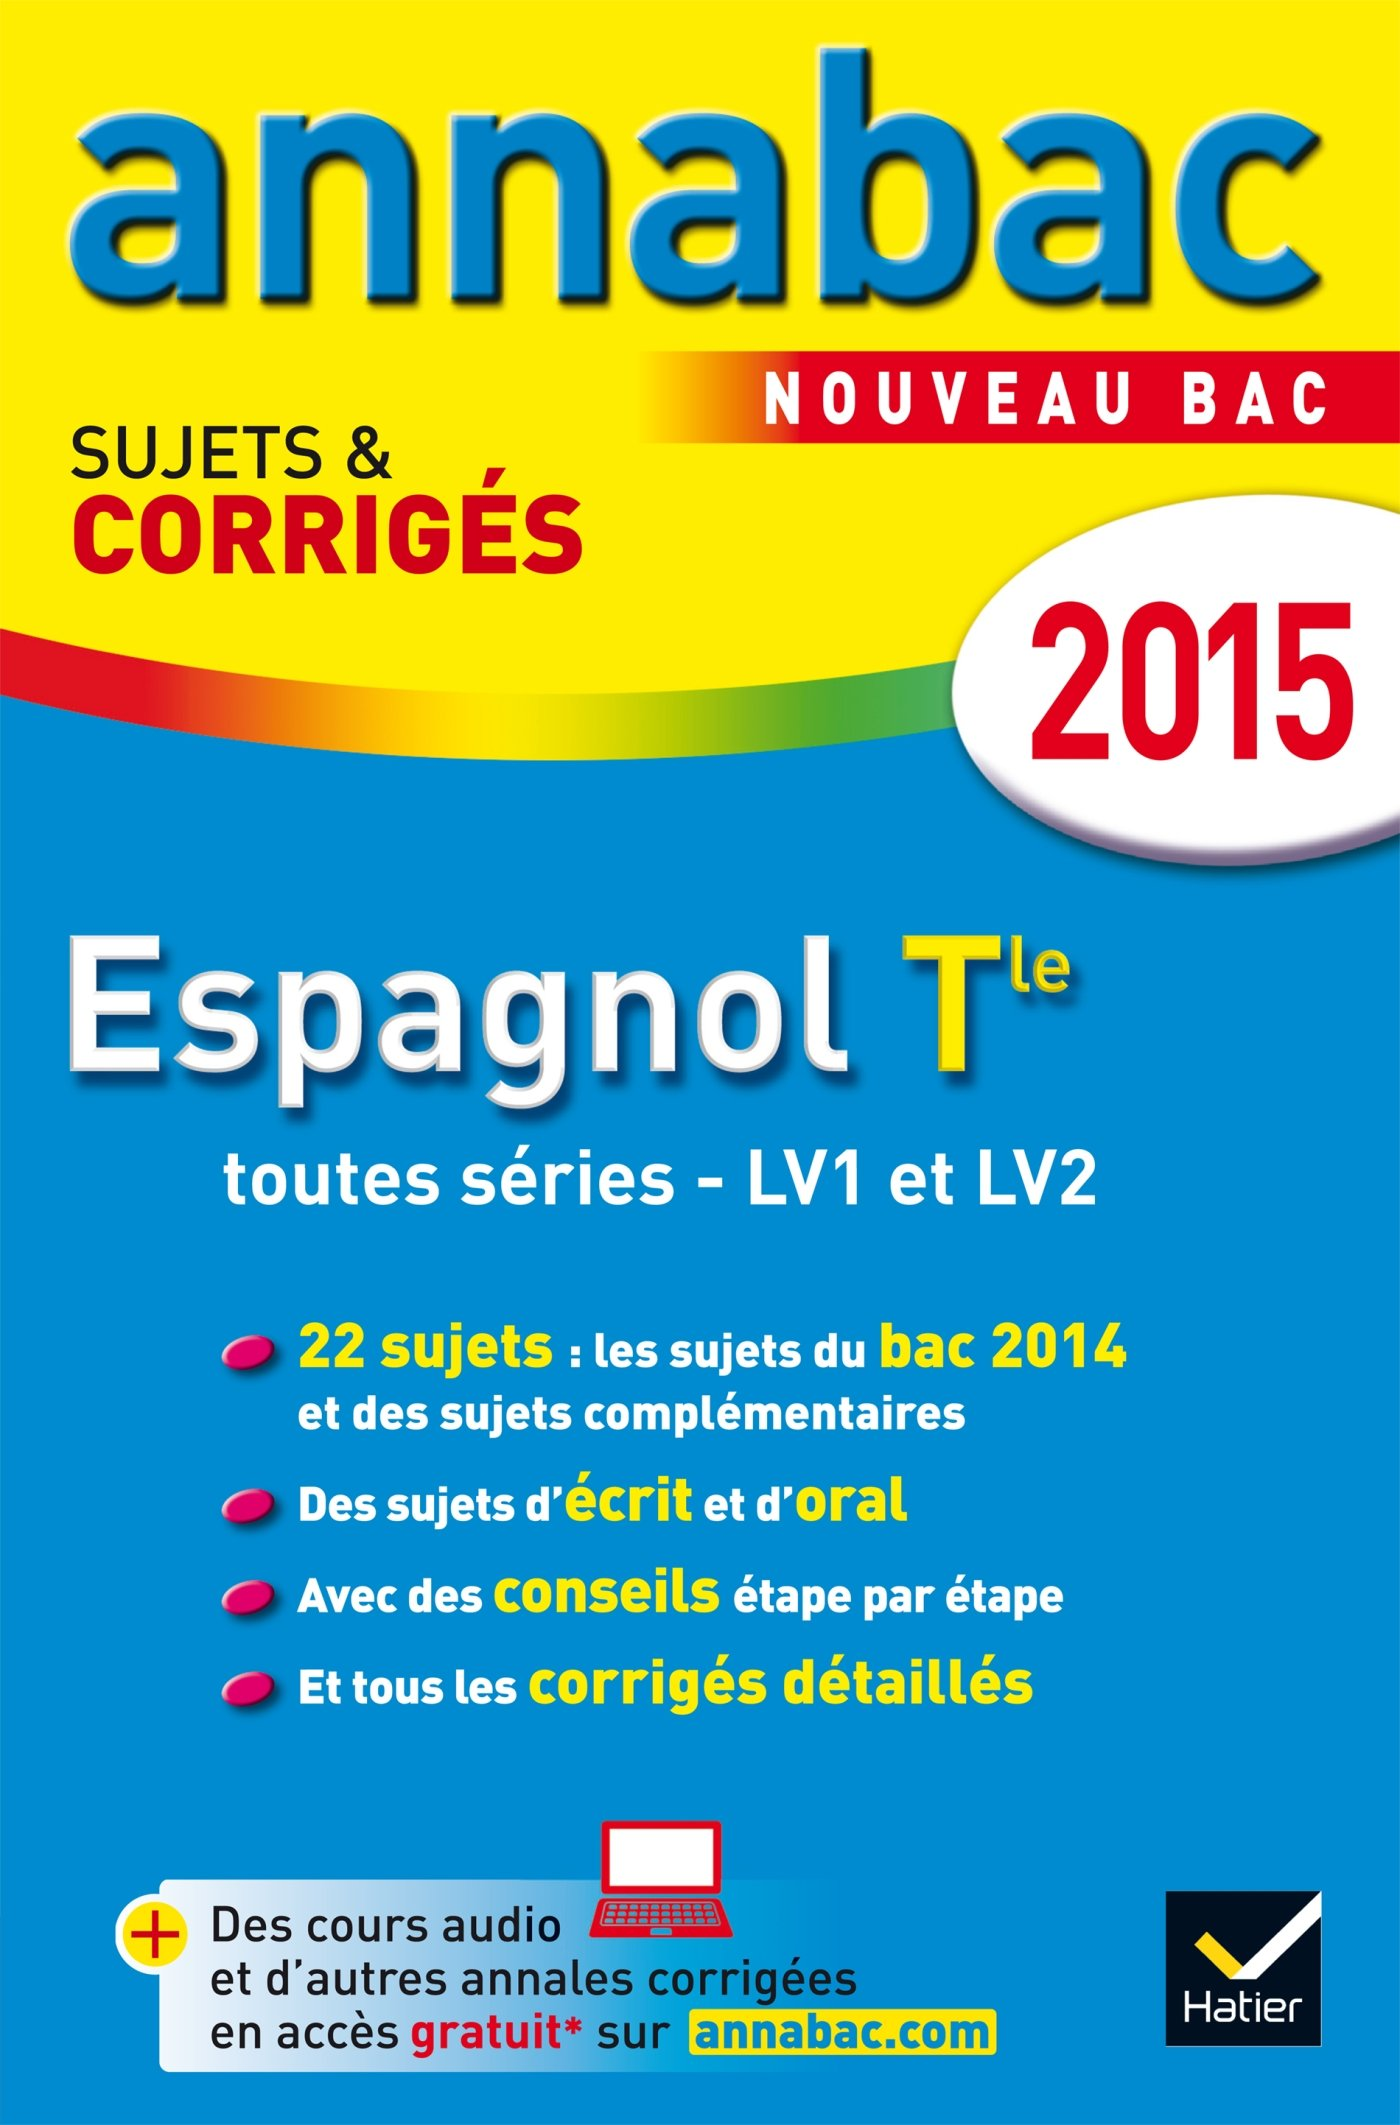 Annales Annabac 2015 Espagnol Tle LV1 et LV2: sujets et corrigés du bac - Terminale (French) Paperback